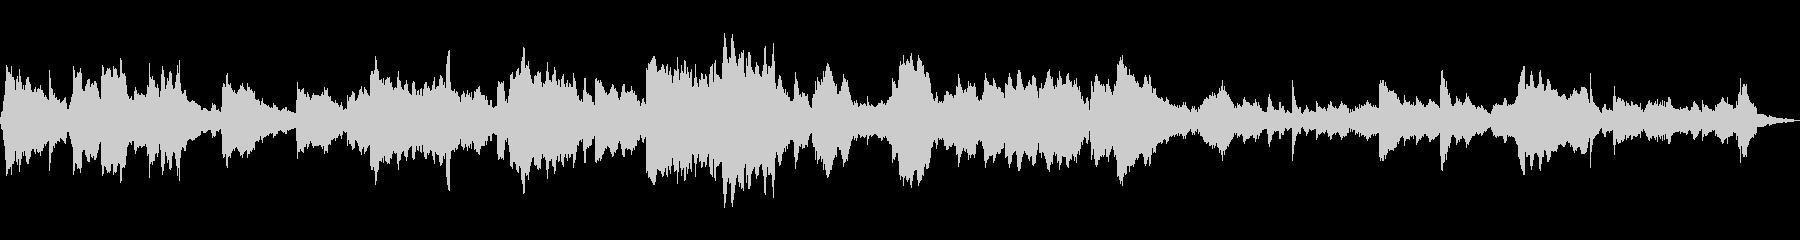 不思議な森にいるようなフルートのループ曲の未再生の波形